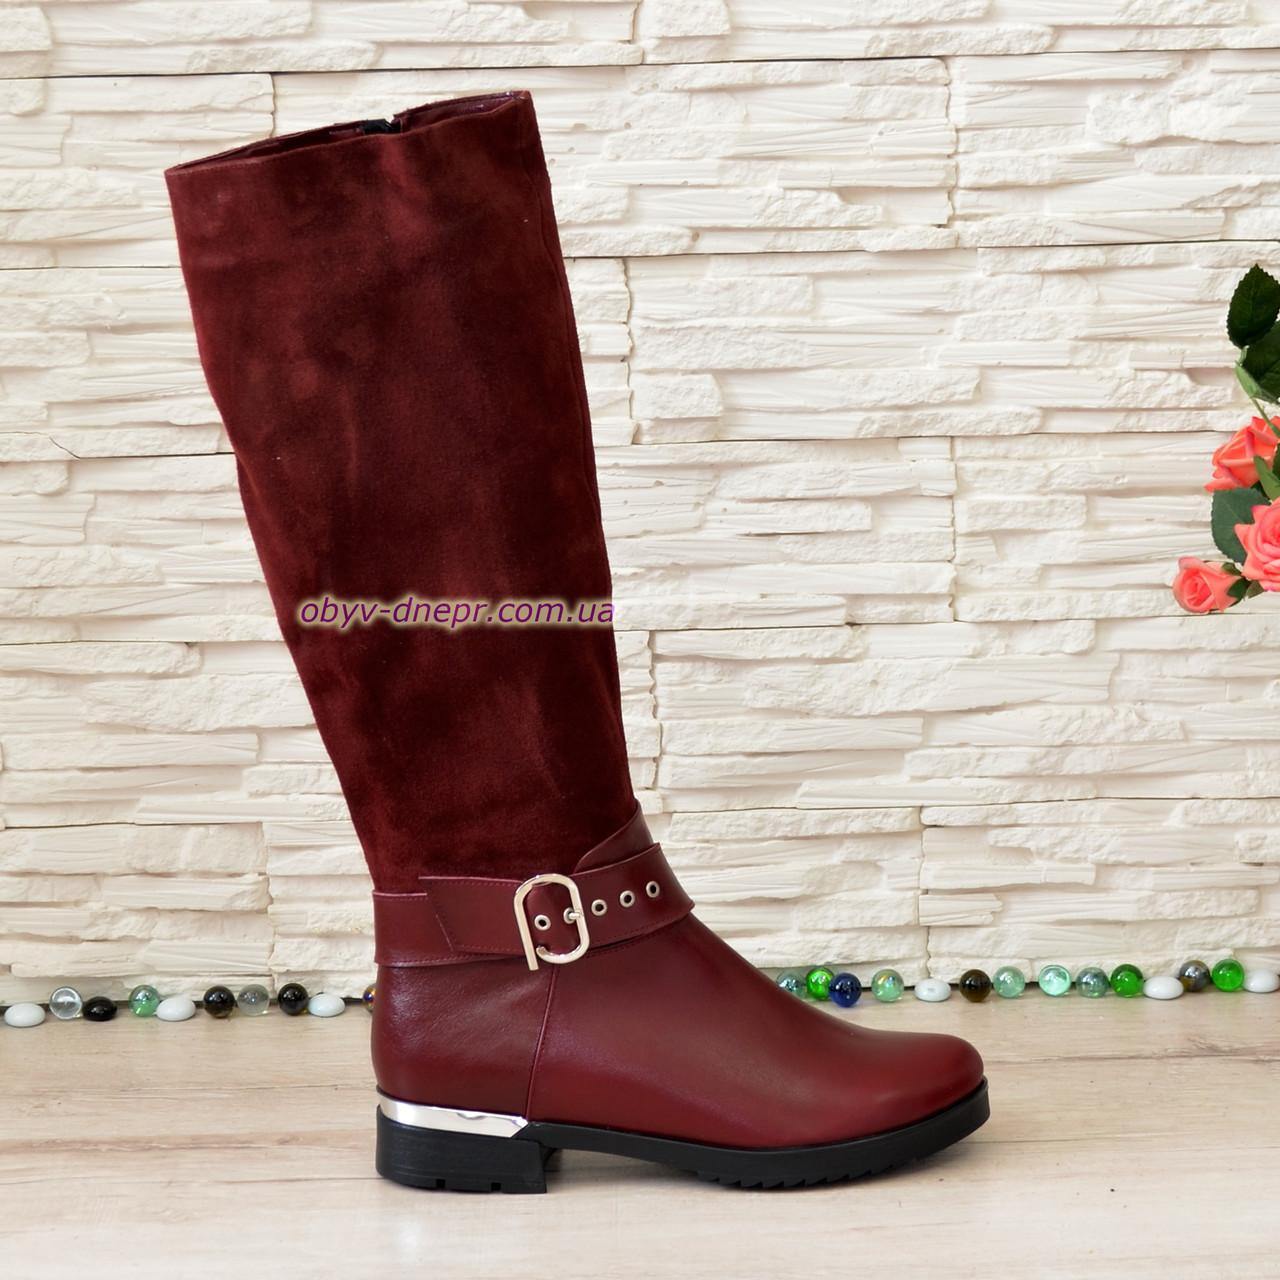 Сапоги зимние бордовые на невысоком каблуке, натуральная кожа и замша